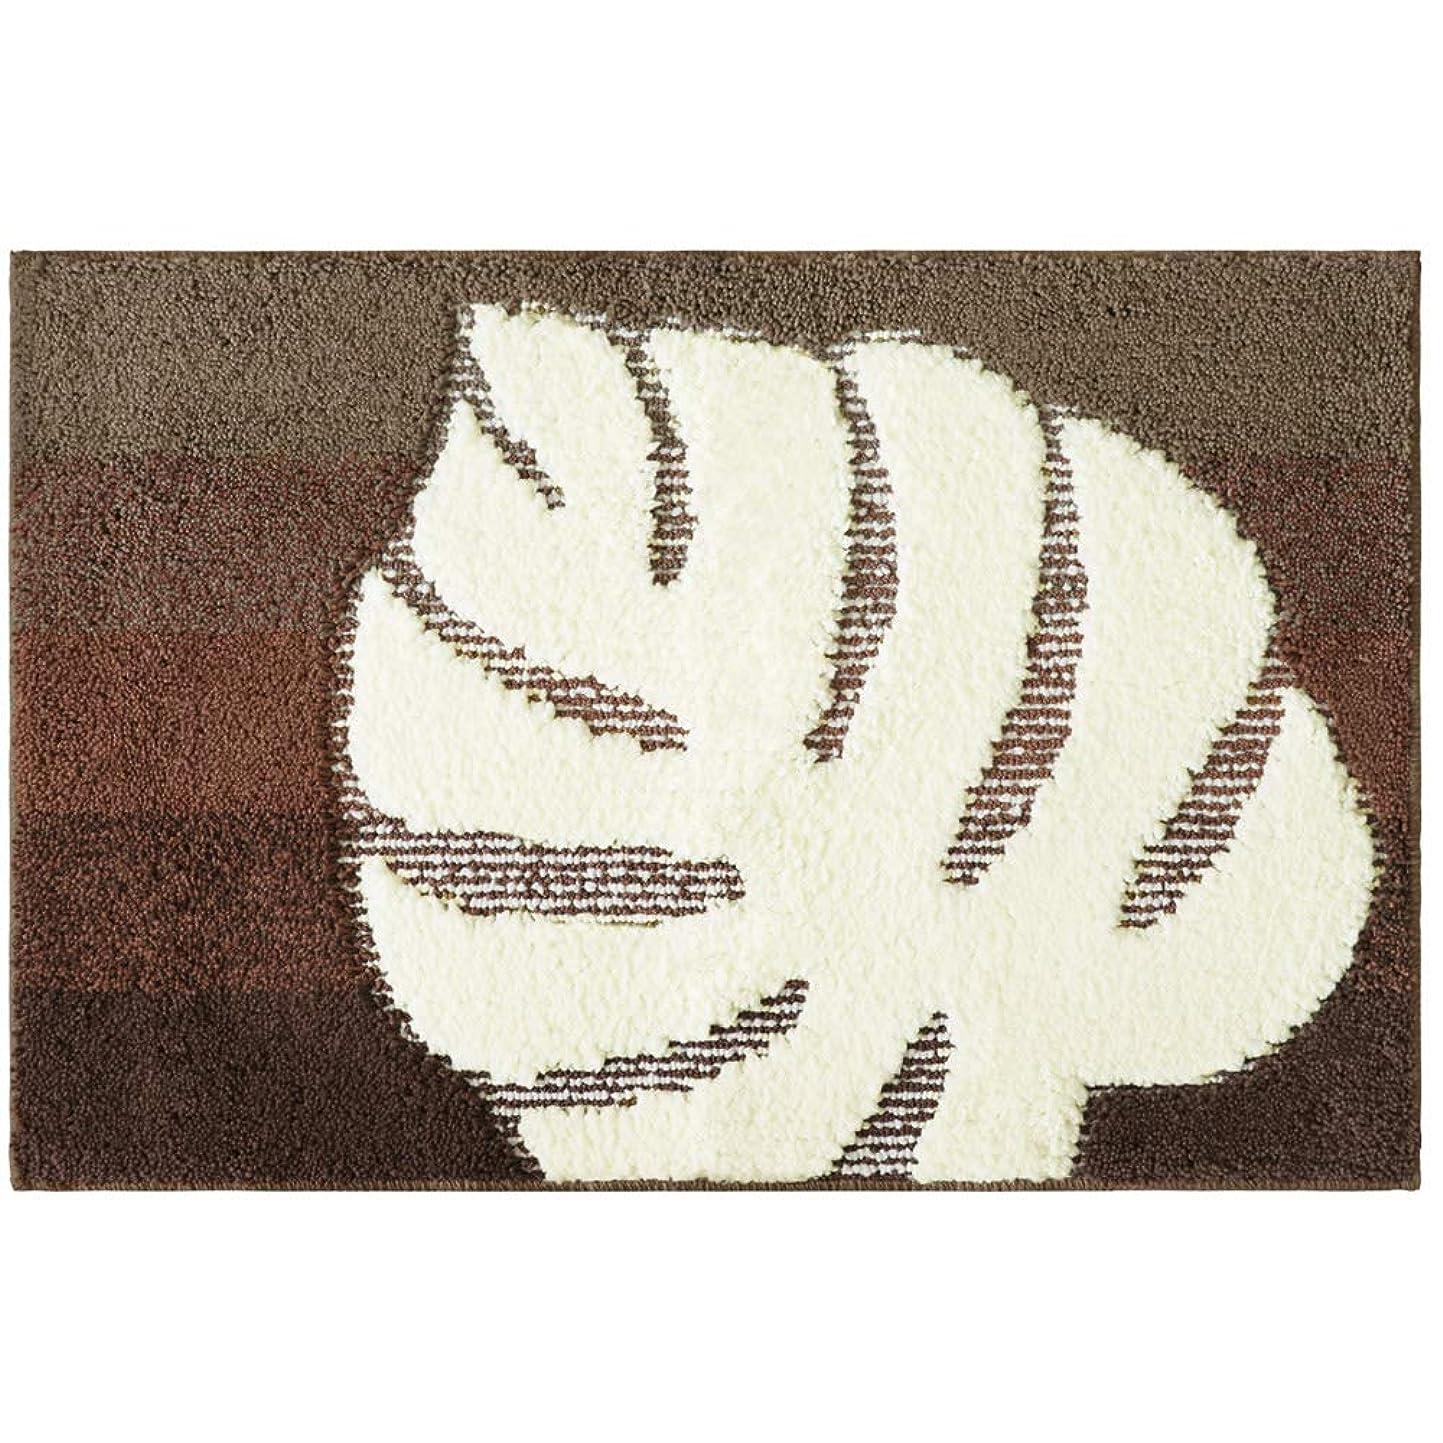 降臨好奇心盛意図するオカトー(Okato) 浴室足ふきマット ブラウン 45×75cm